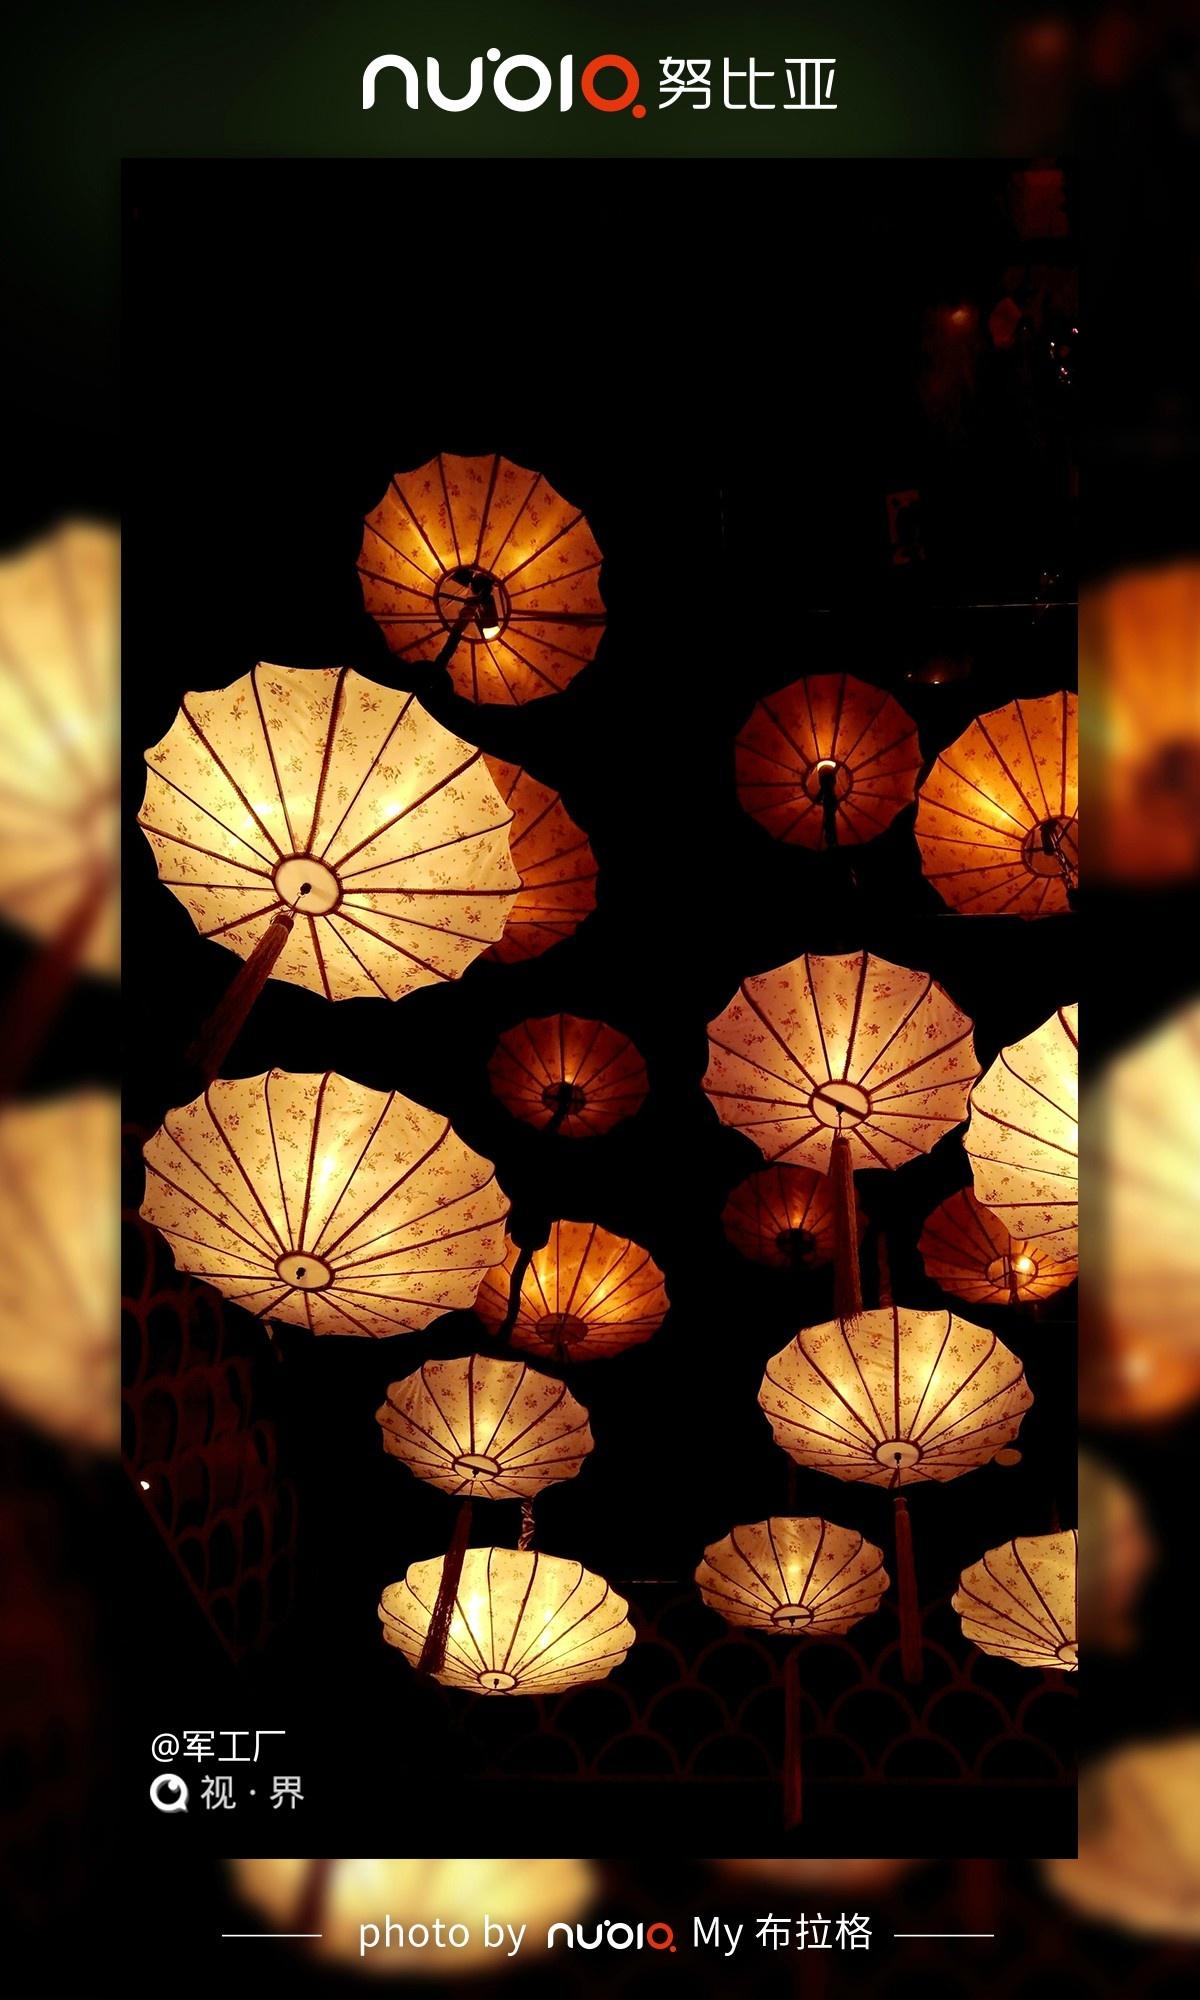 #BeYourself#一帘幽梦在此刻安睡一把遮风避雨的伞是你想要停留的港湾早安,牛仔图